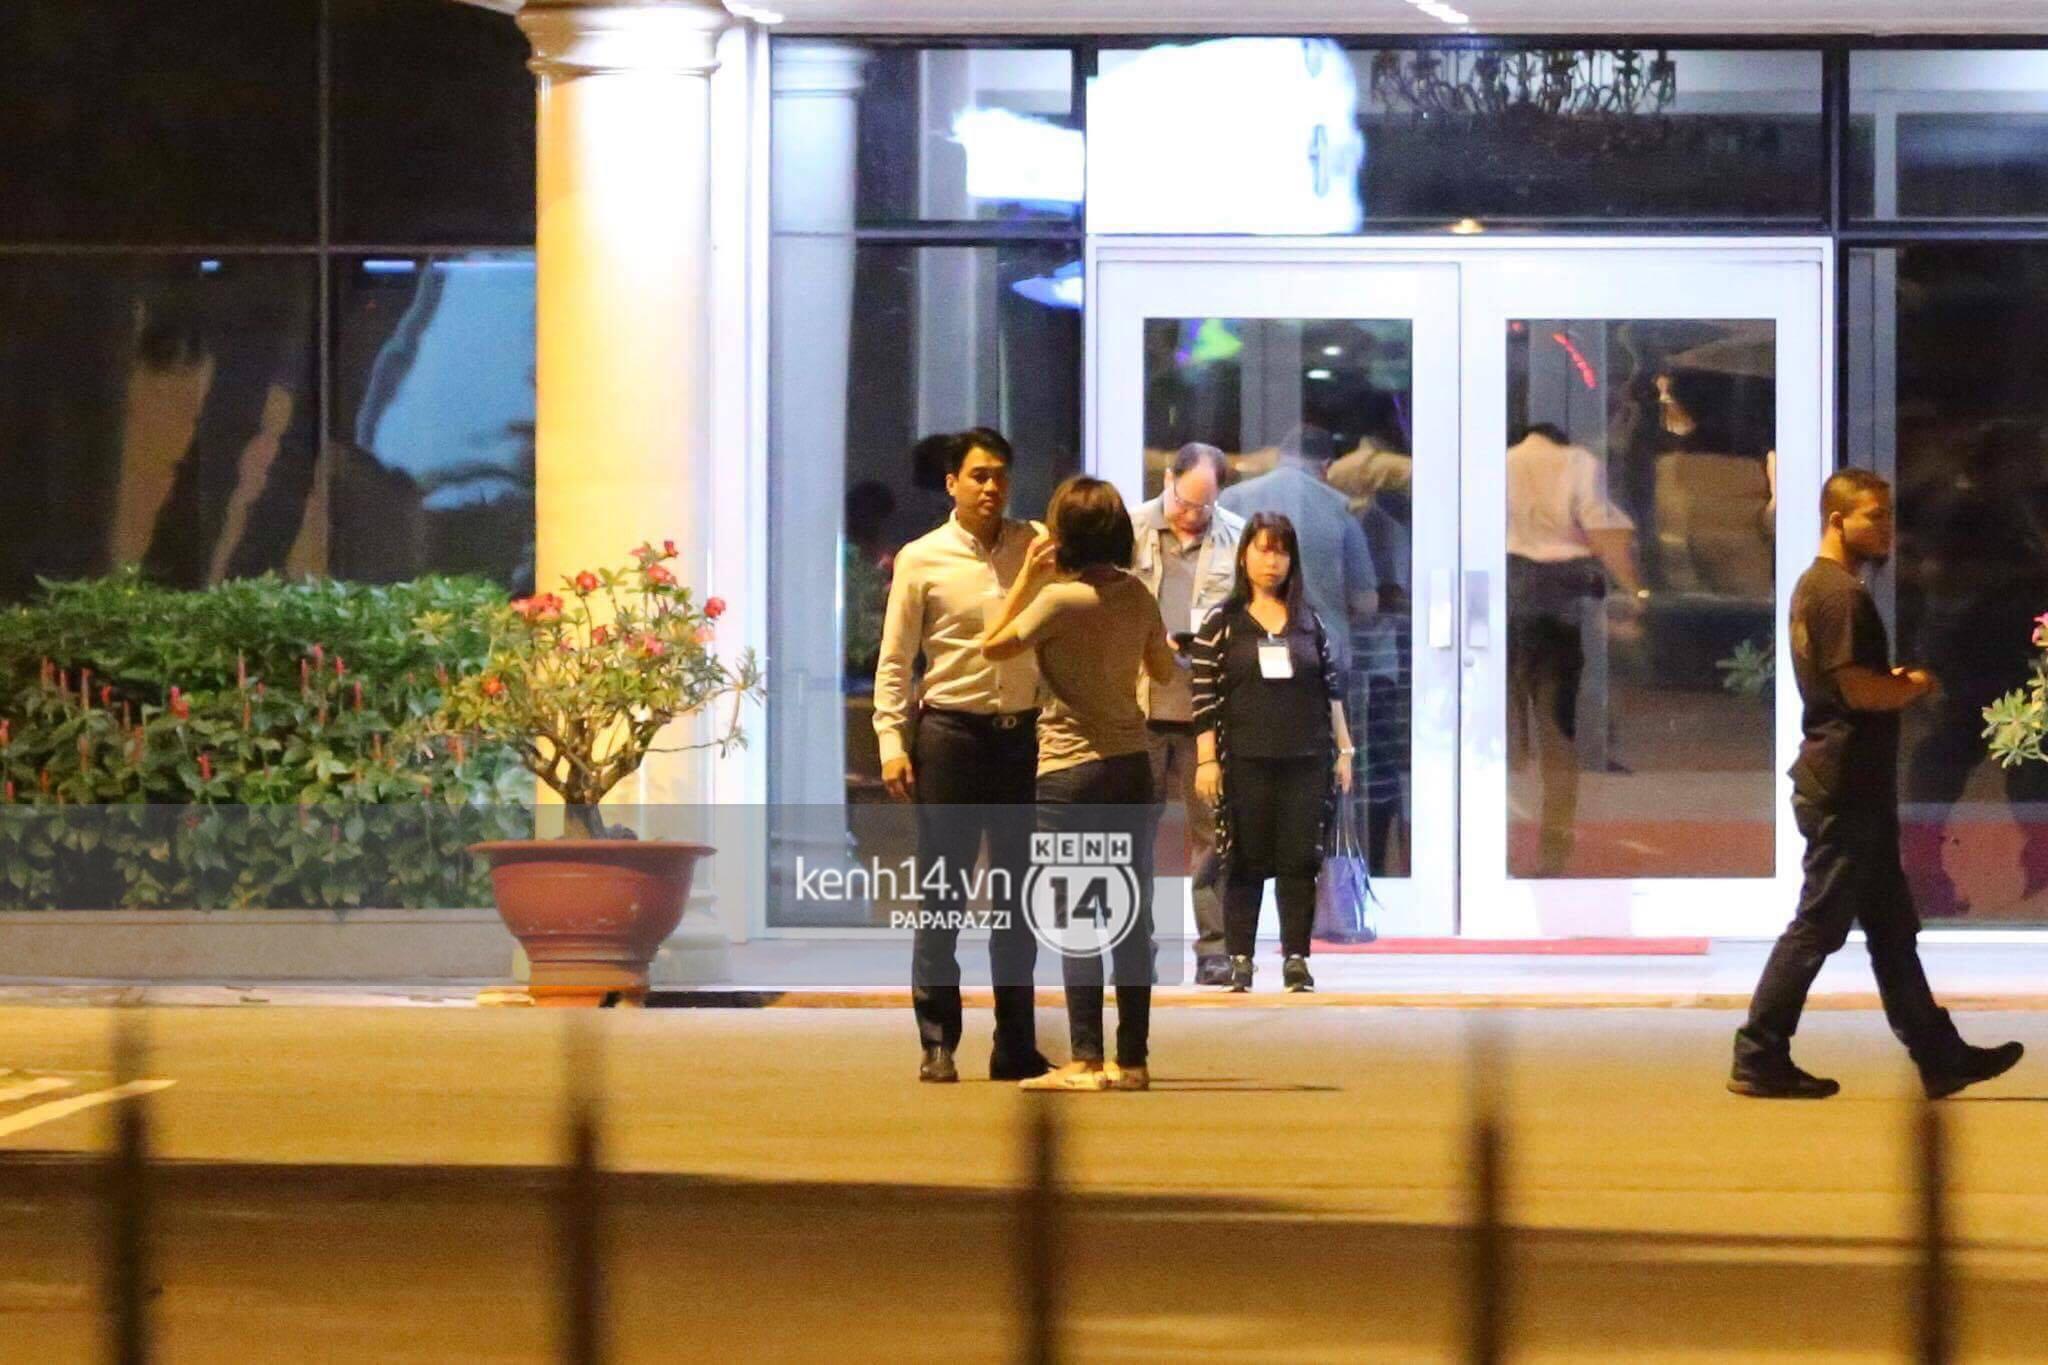 Độc quyền: Đến Việt Nam lúc 2h sáng, Ariana Grande vẫn lọt tầm ngắm paparazzi! - Ảnh 11.